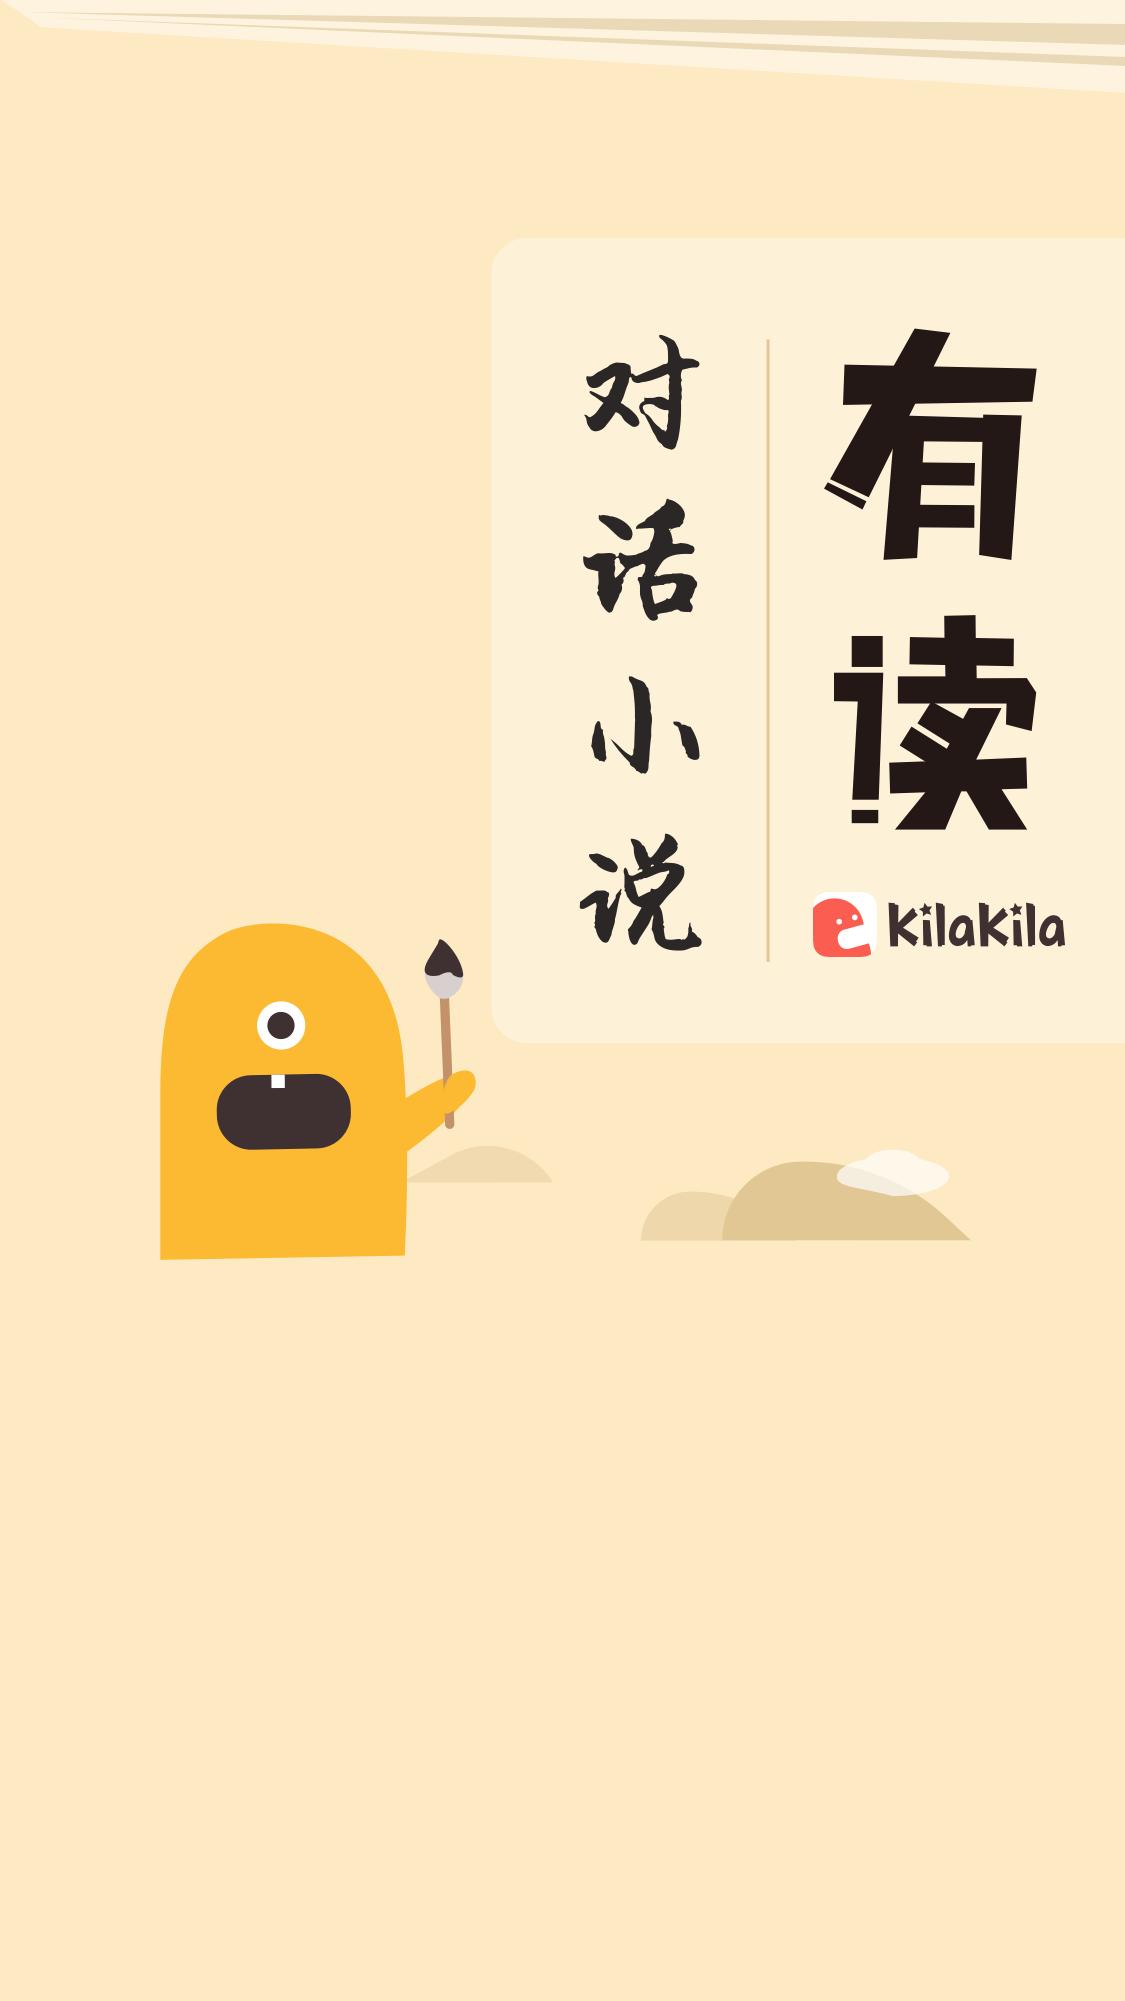 【信白】我怀疑我宿舍和隔壁宿舍有六个基佬-KilaKila直播